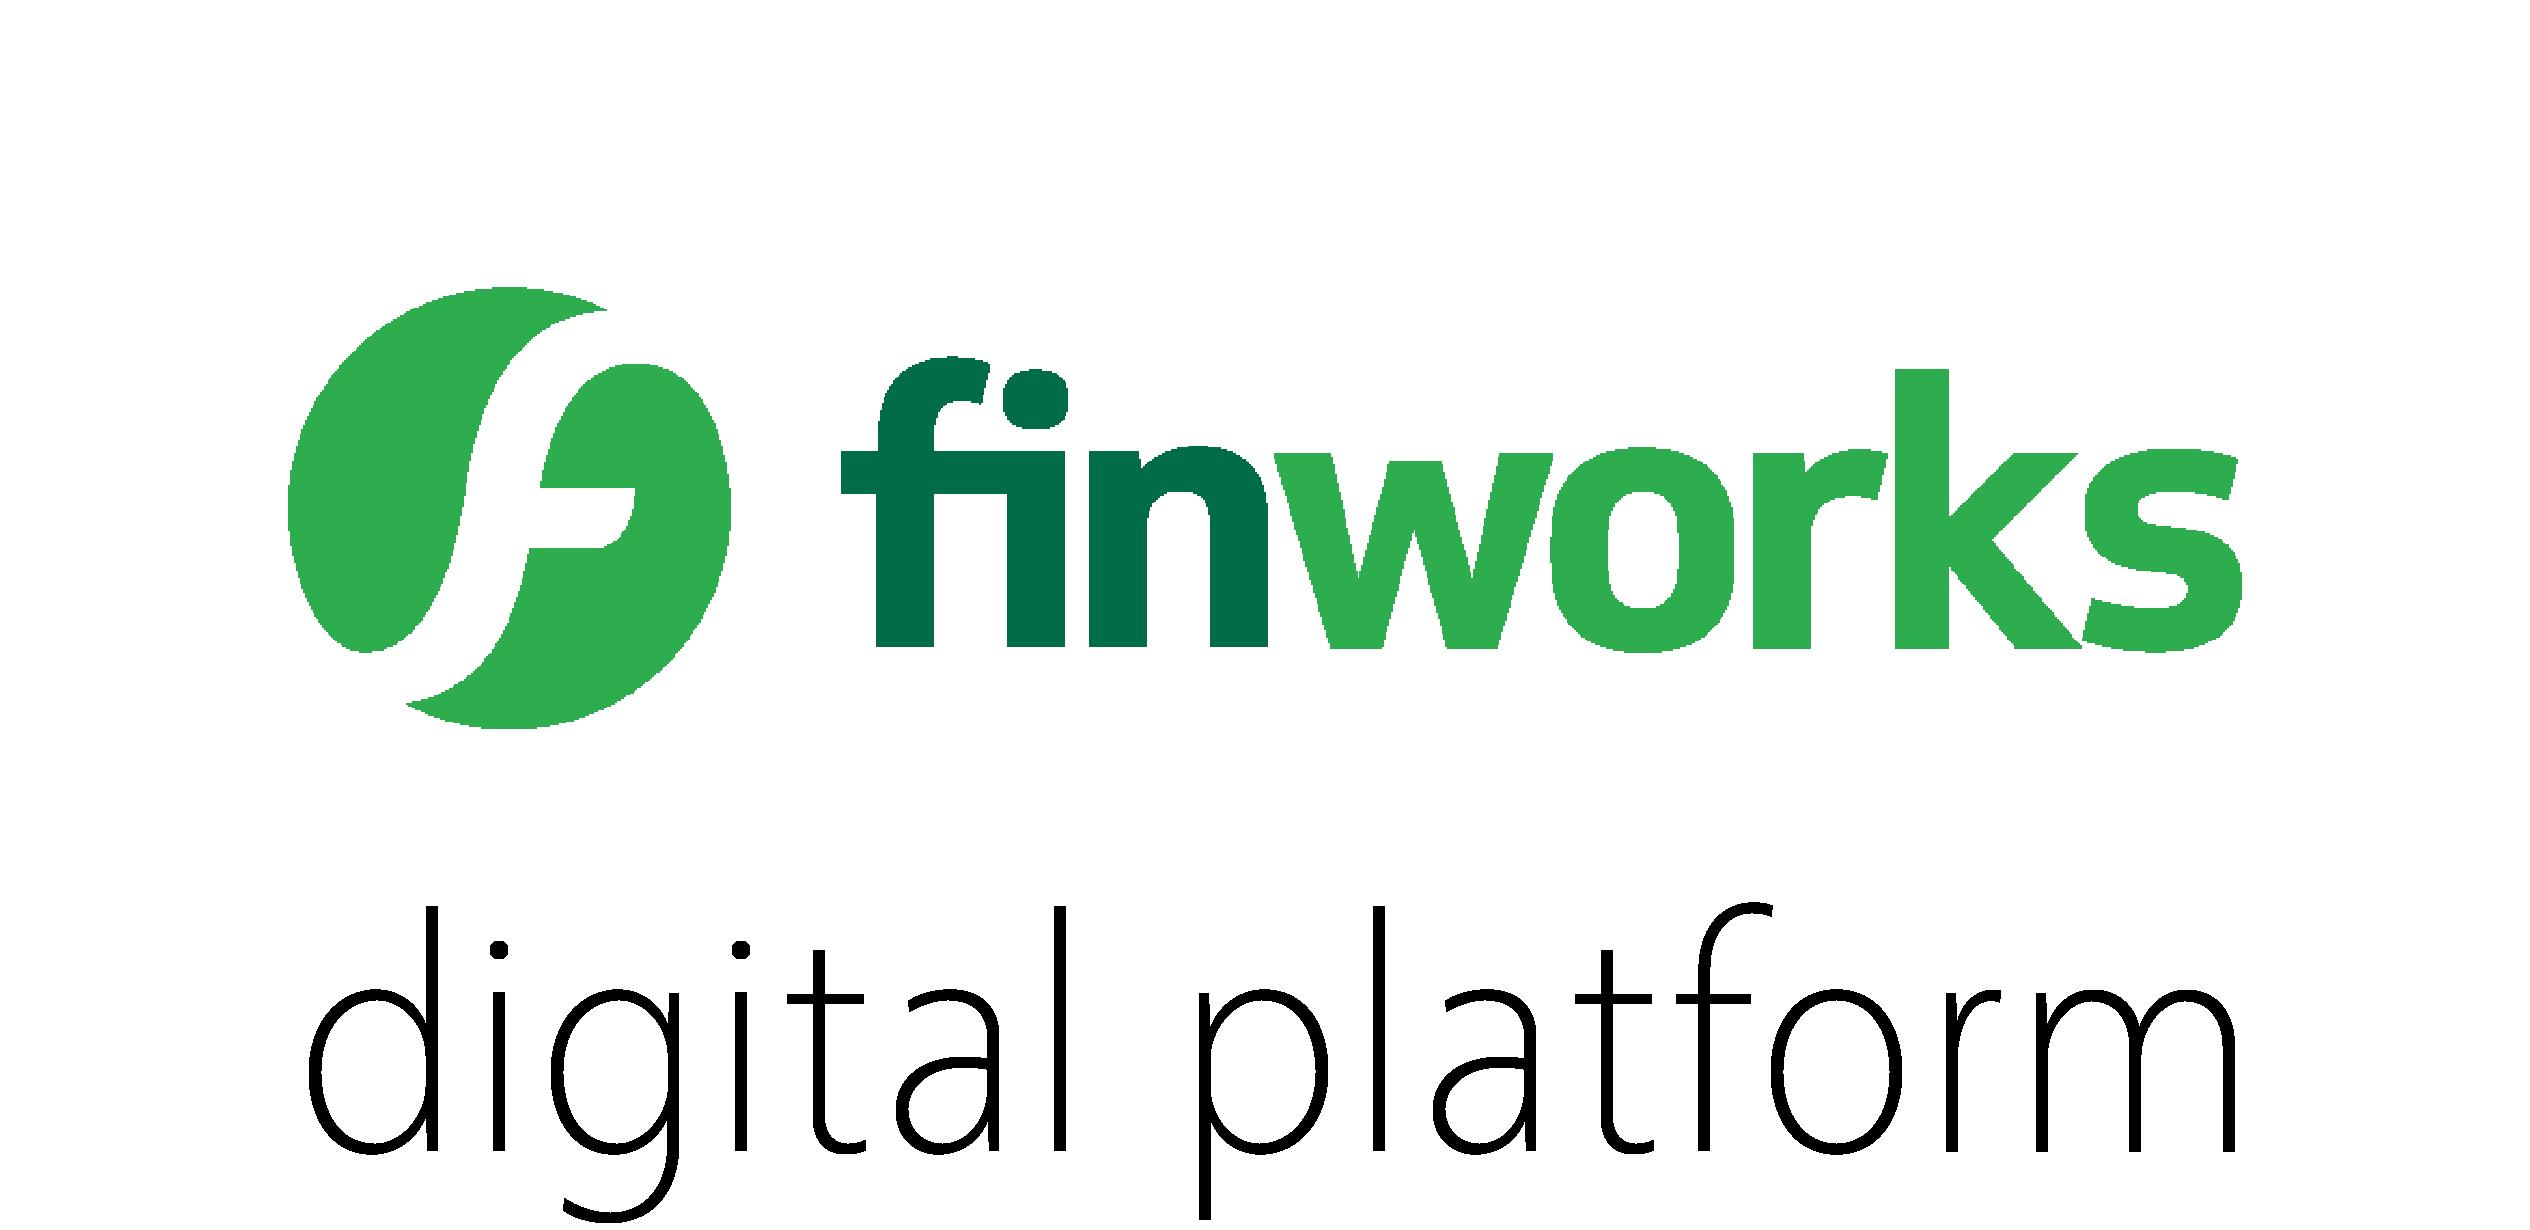 FINWORK_01